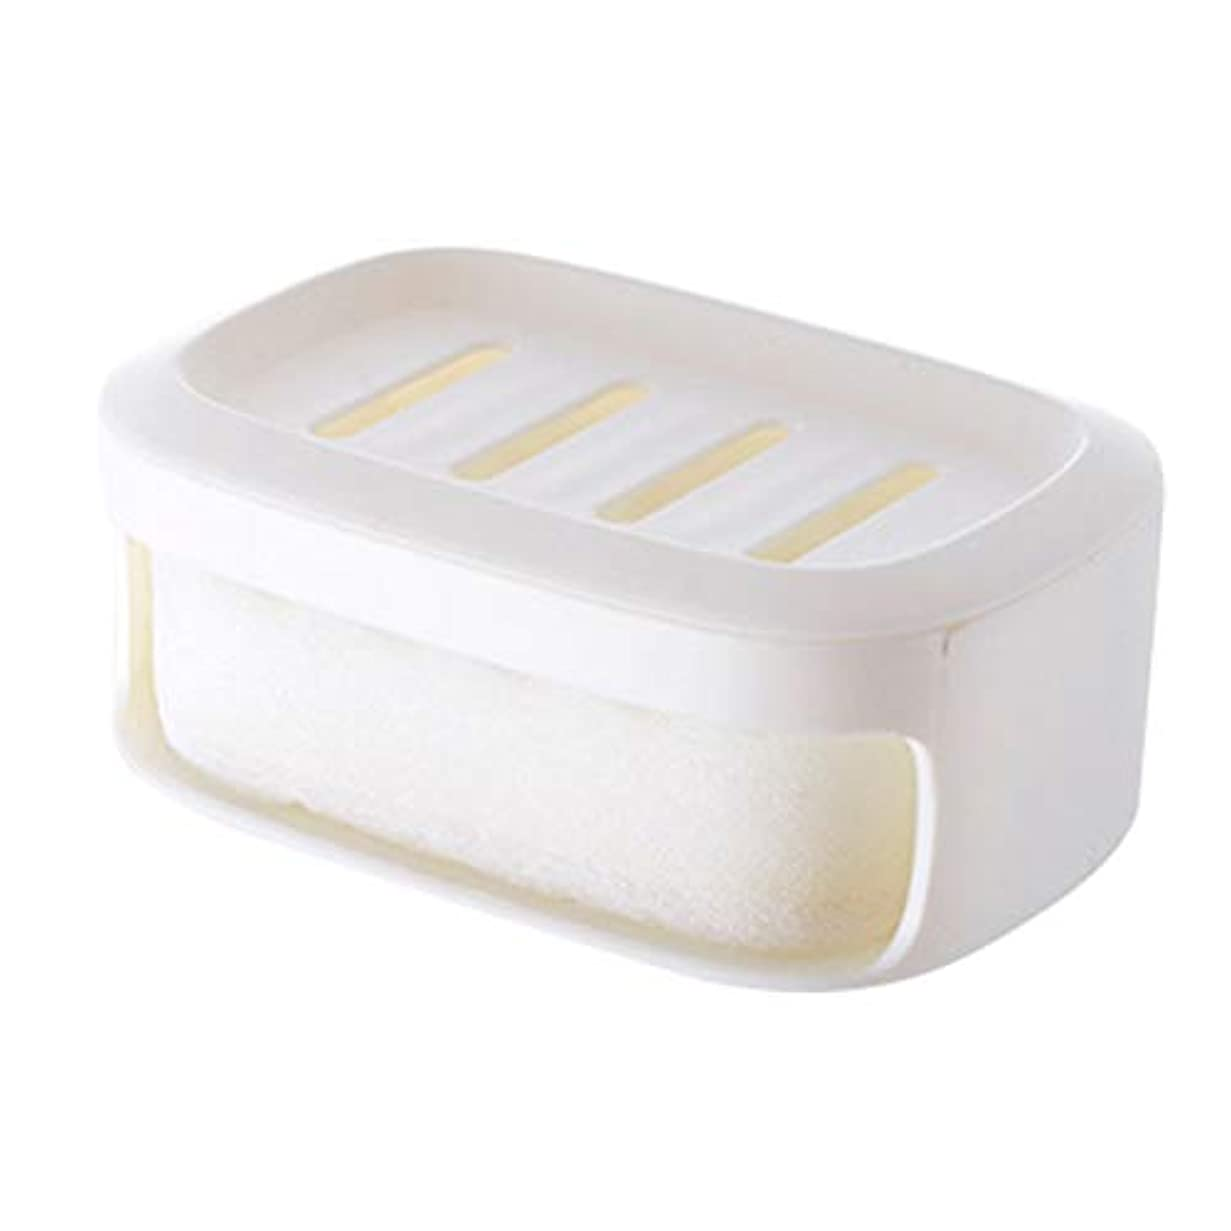 否定する嬉しいです混乱させるHealifty ソープボックス二重層防水シールソープコンテナバスルームソープ収納ケース(ホワイト)